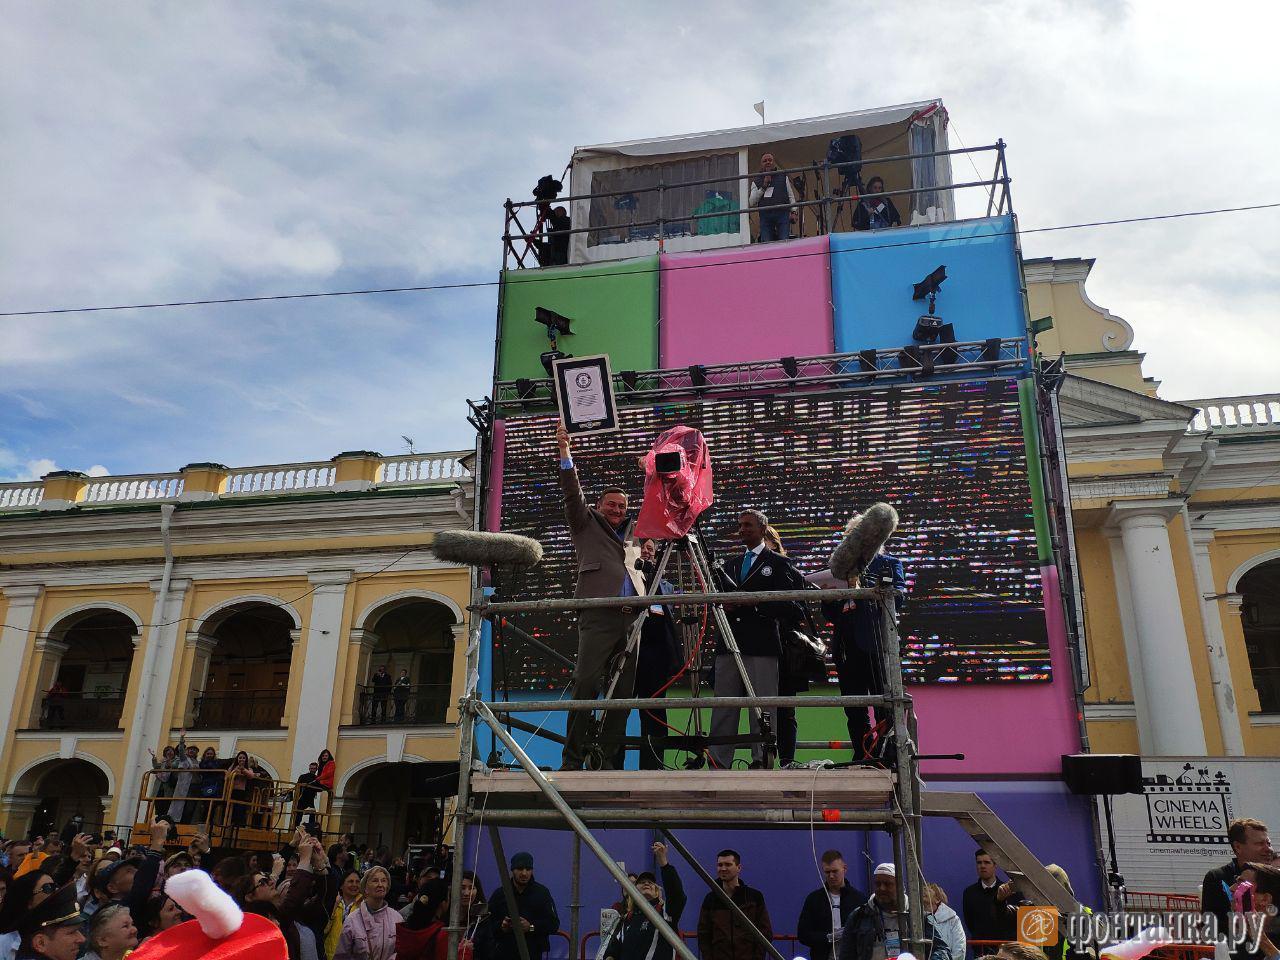 Есть рекорд! В Петербурге сыграли самое массовое крещендо на барабанах в мире (Иллюстрация 1 из 2) (Фото: Артем Кузьмин/